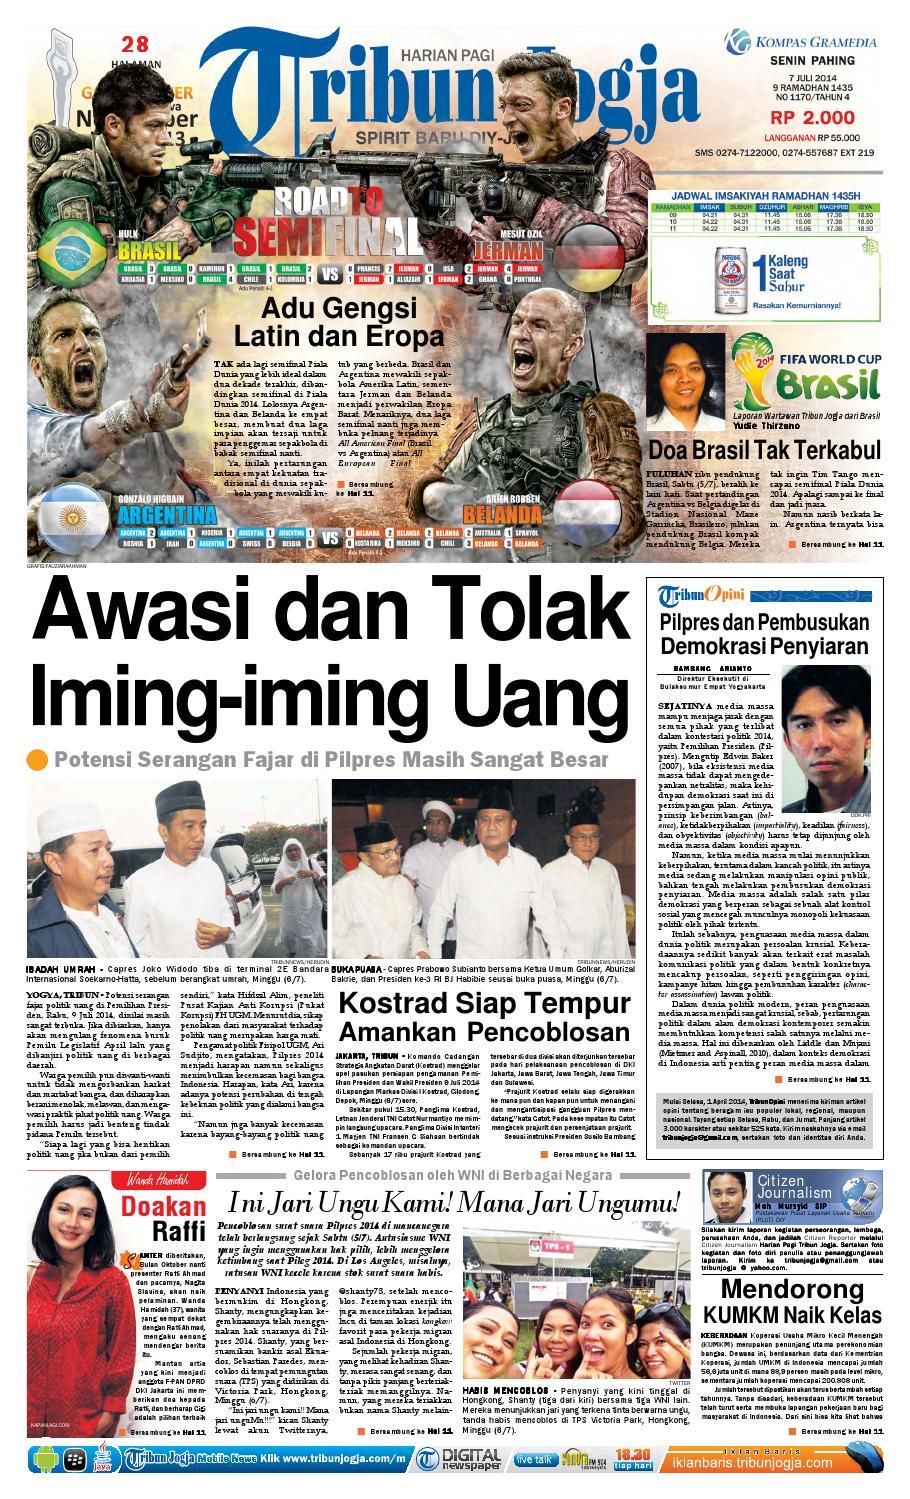 Tribunjogja 07 2014 By Tribun Jogja Issuu Produk Ukm Bumn Tenun Pagatan Kemeja Pria Biru Kapal